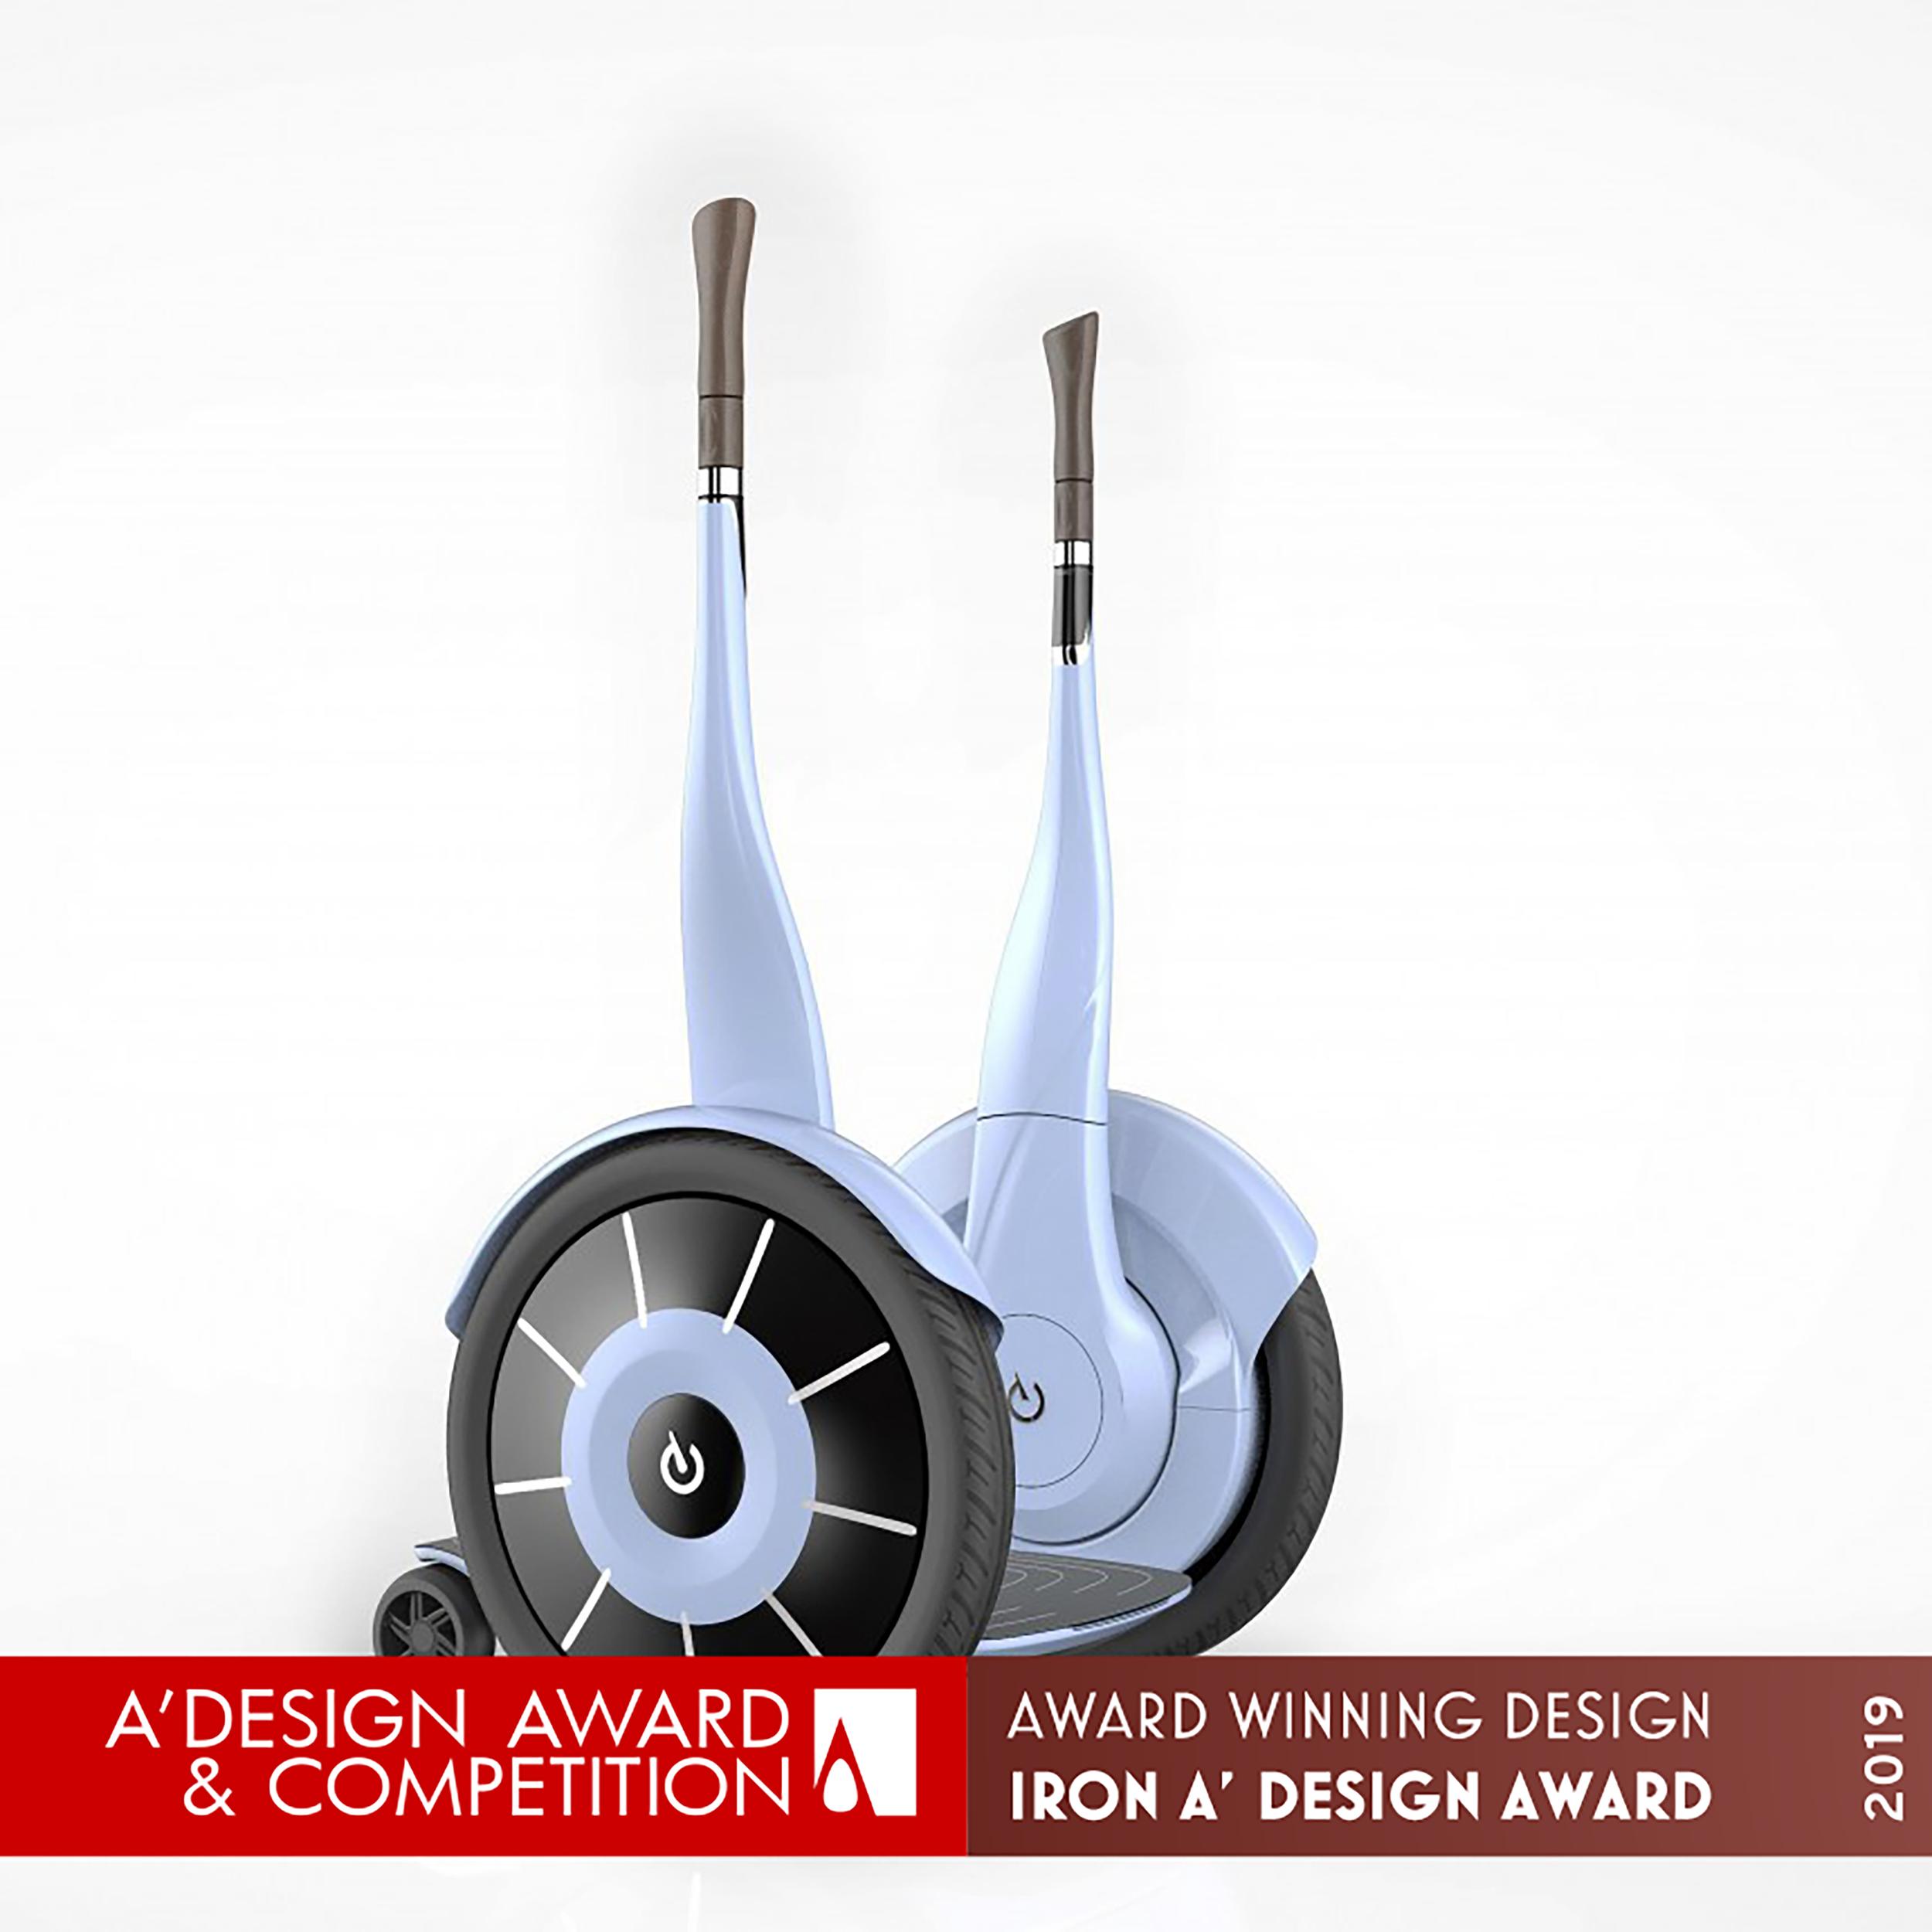 ID83264-award-winner-design_L.png